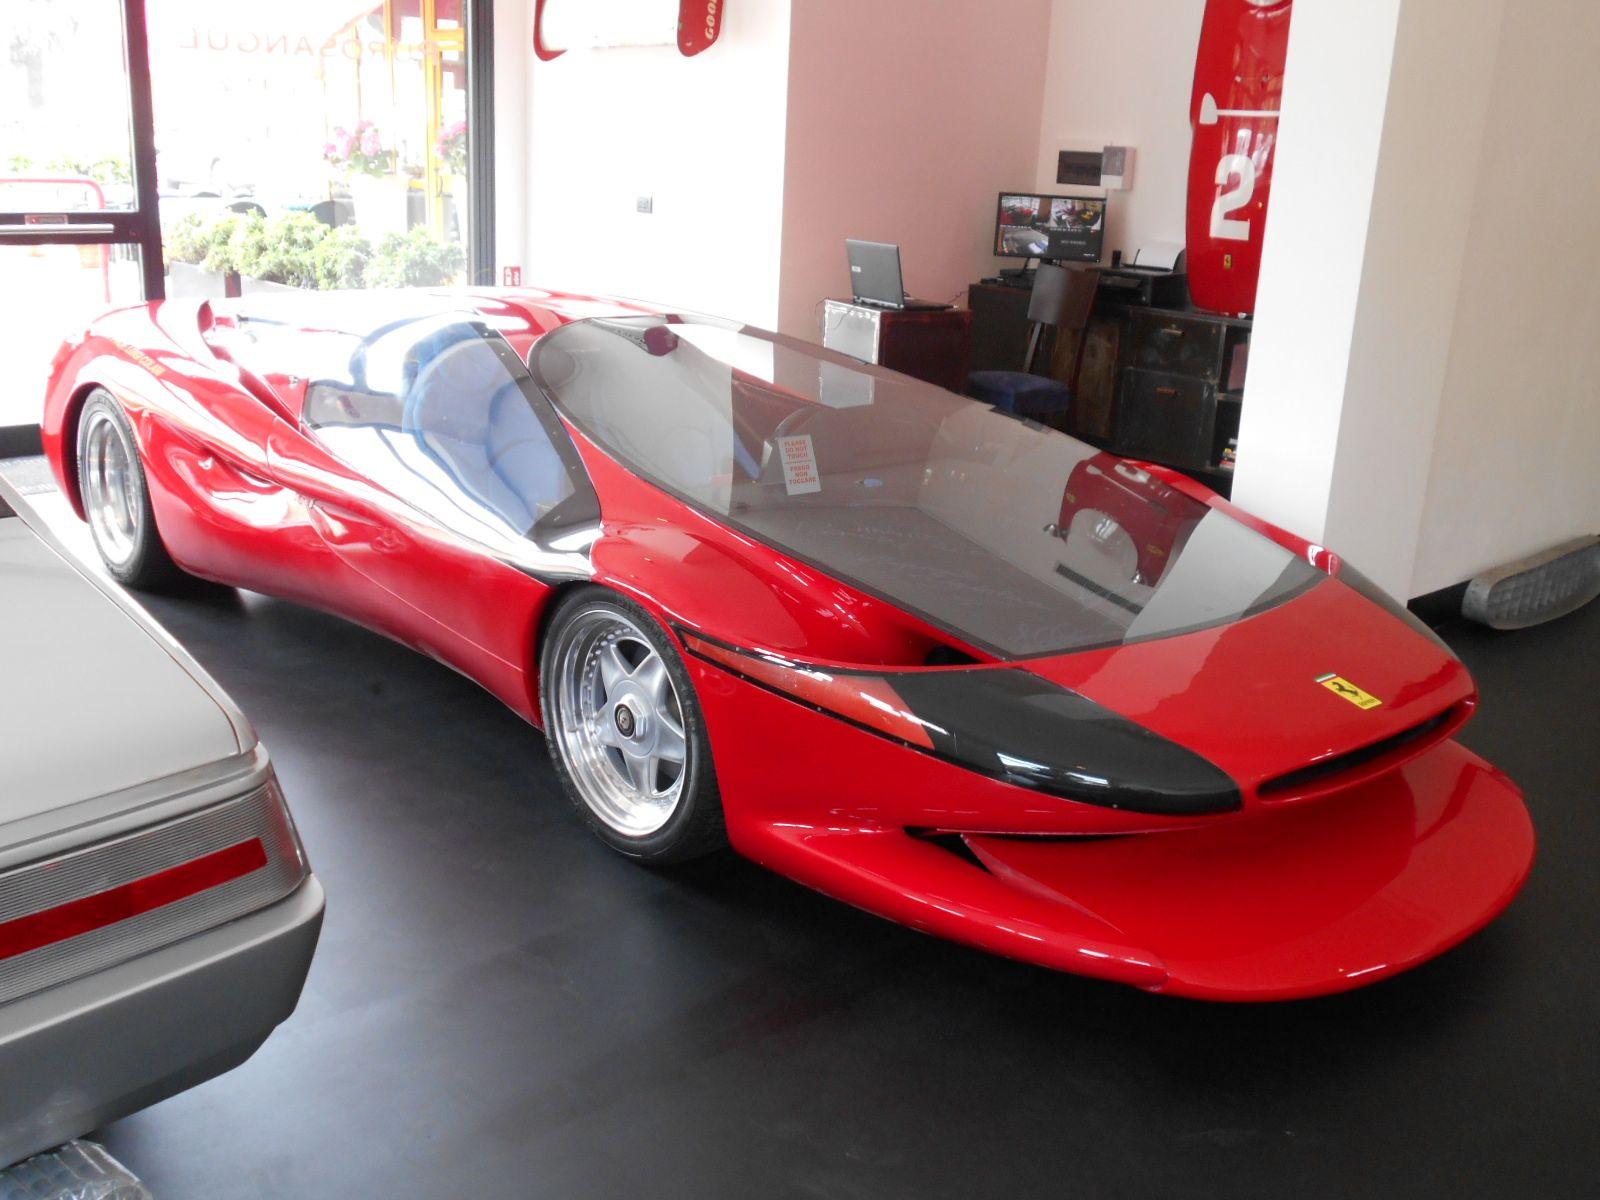 b11a0a7c11b212cc3b0fbe74cab186a3 Terrific Ferrari Mondial Cabrio In Vendita Cars Trend